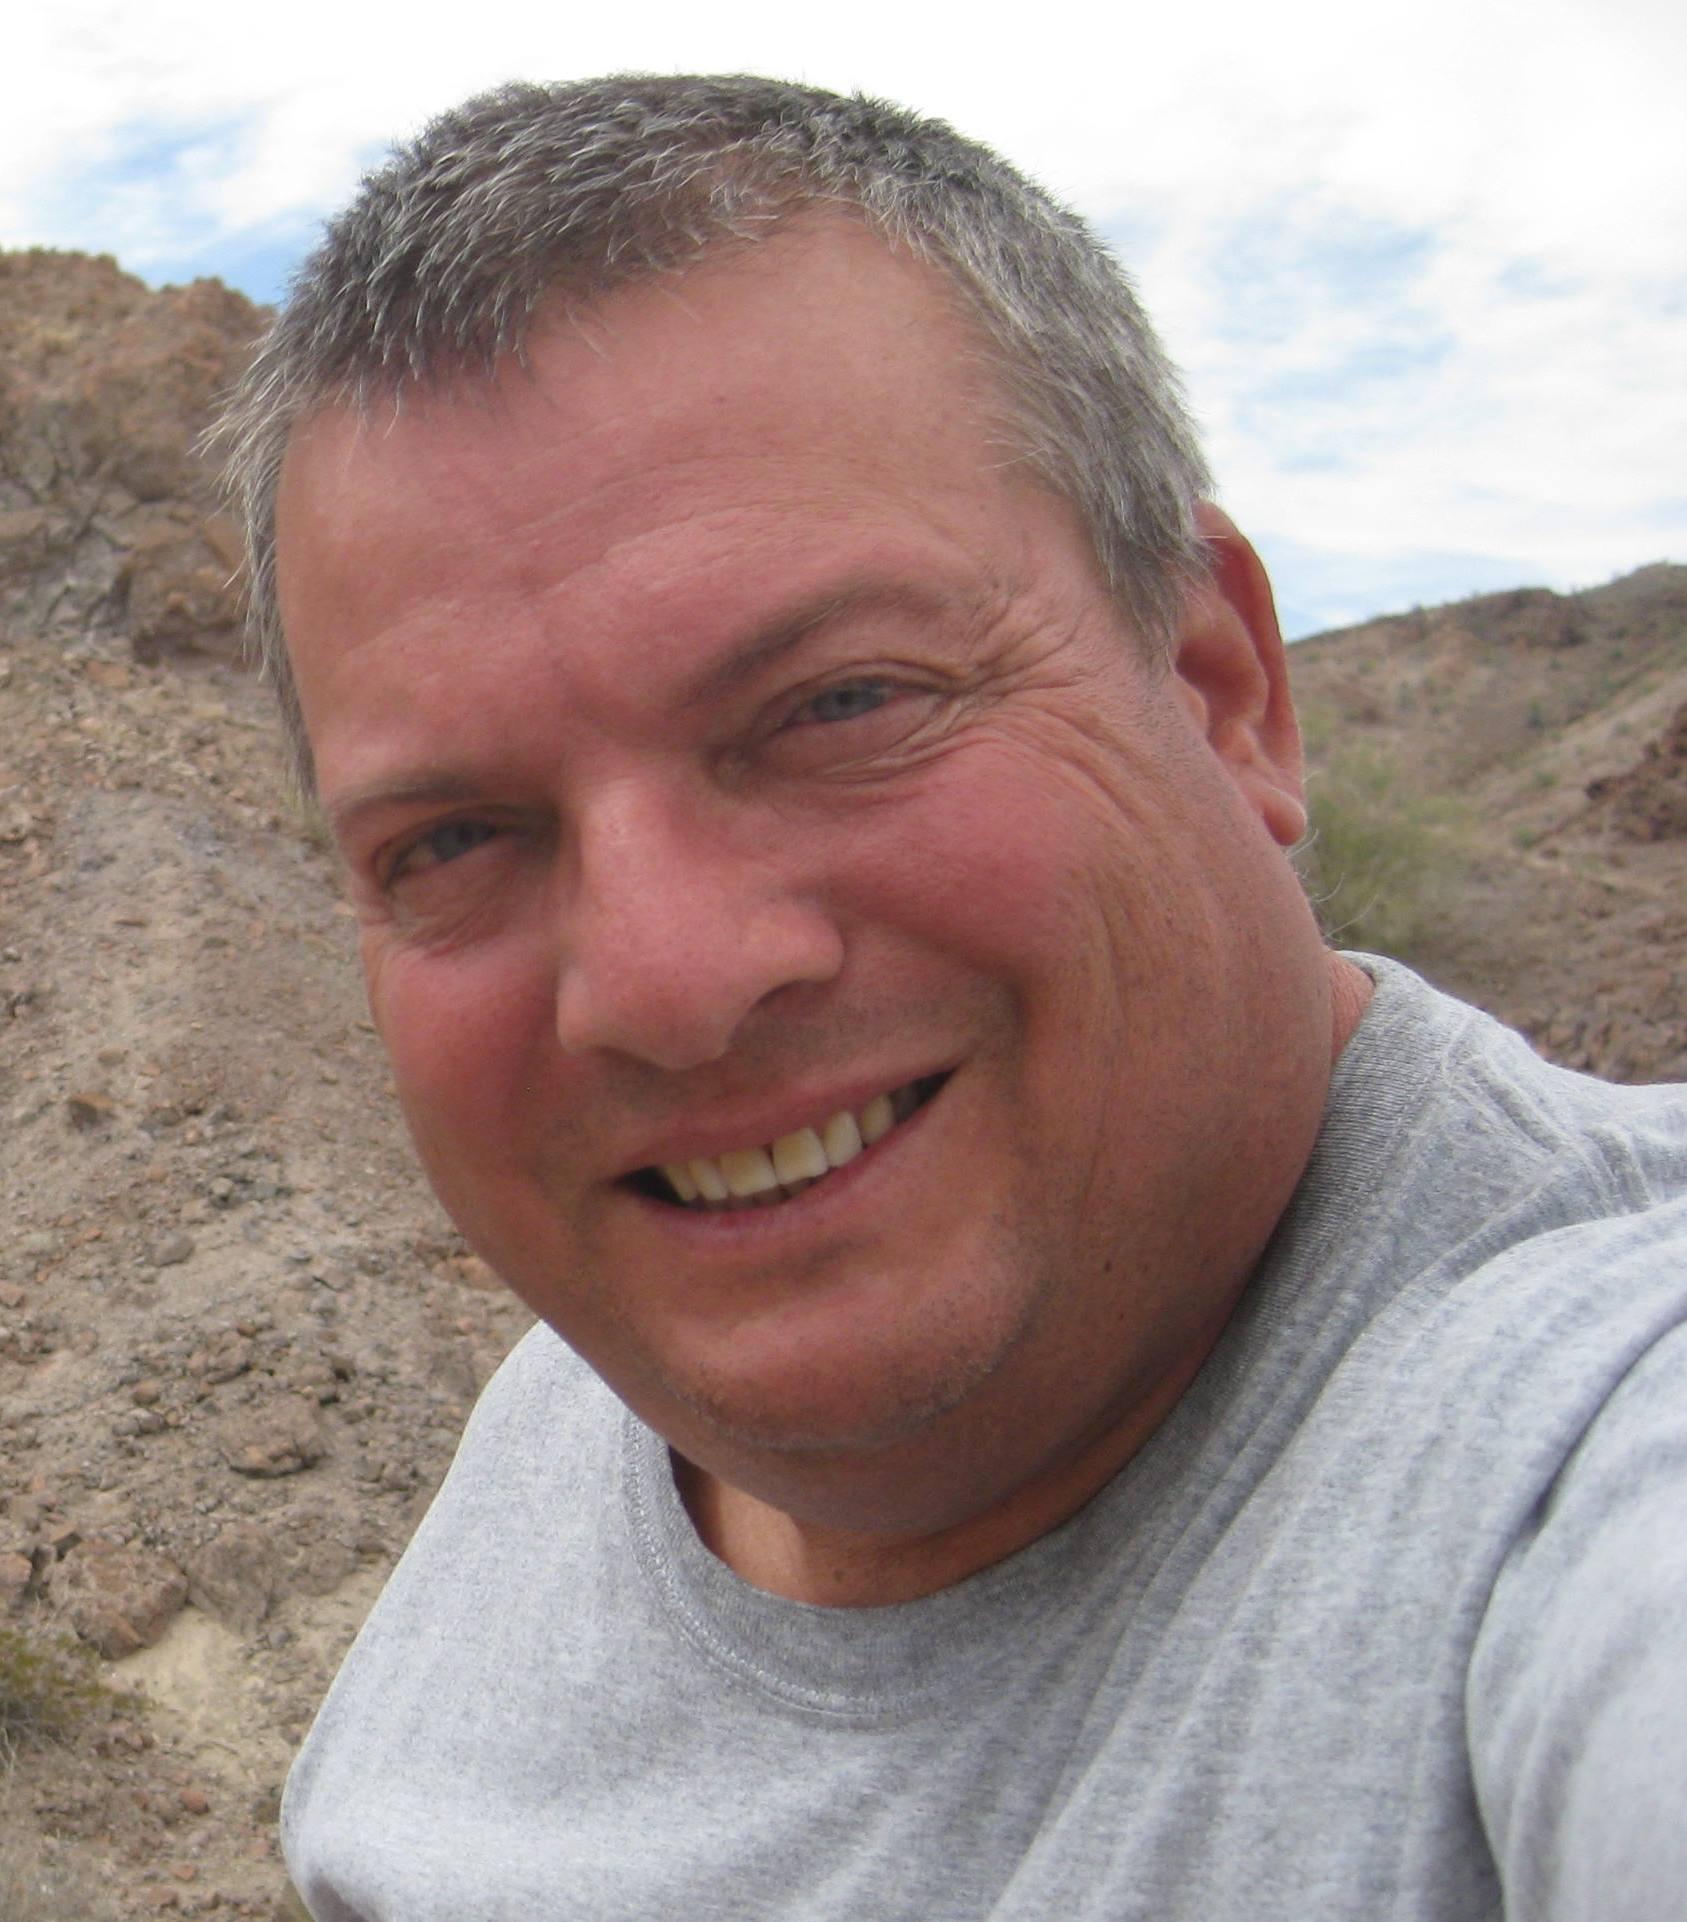 David Kier